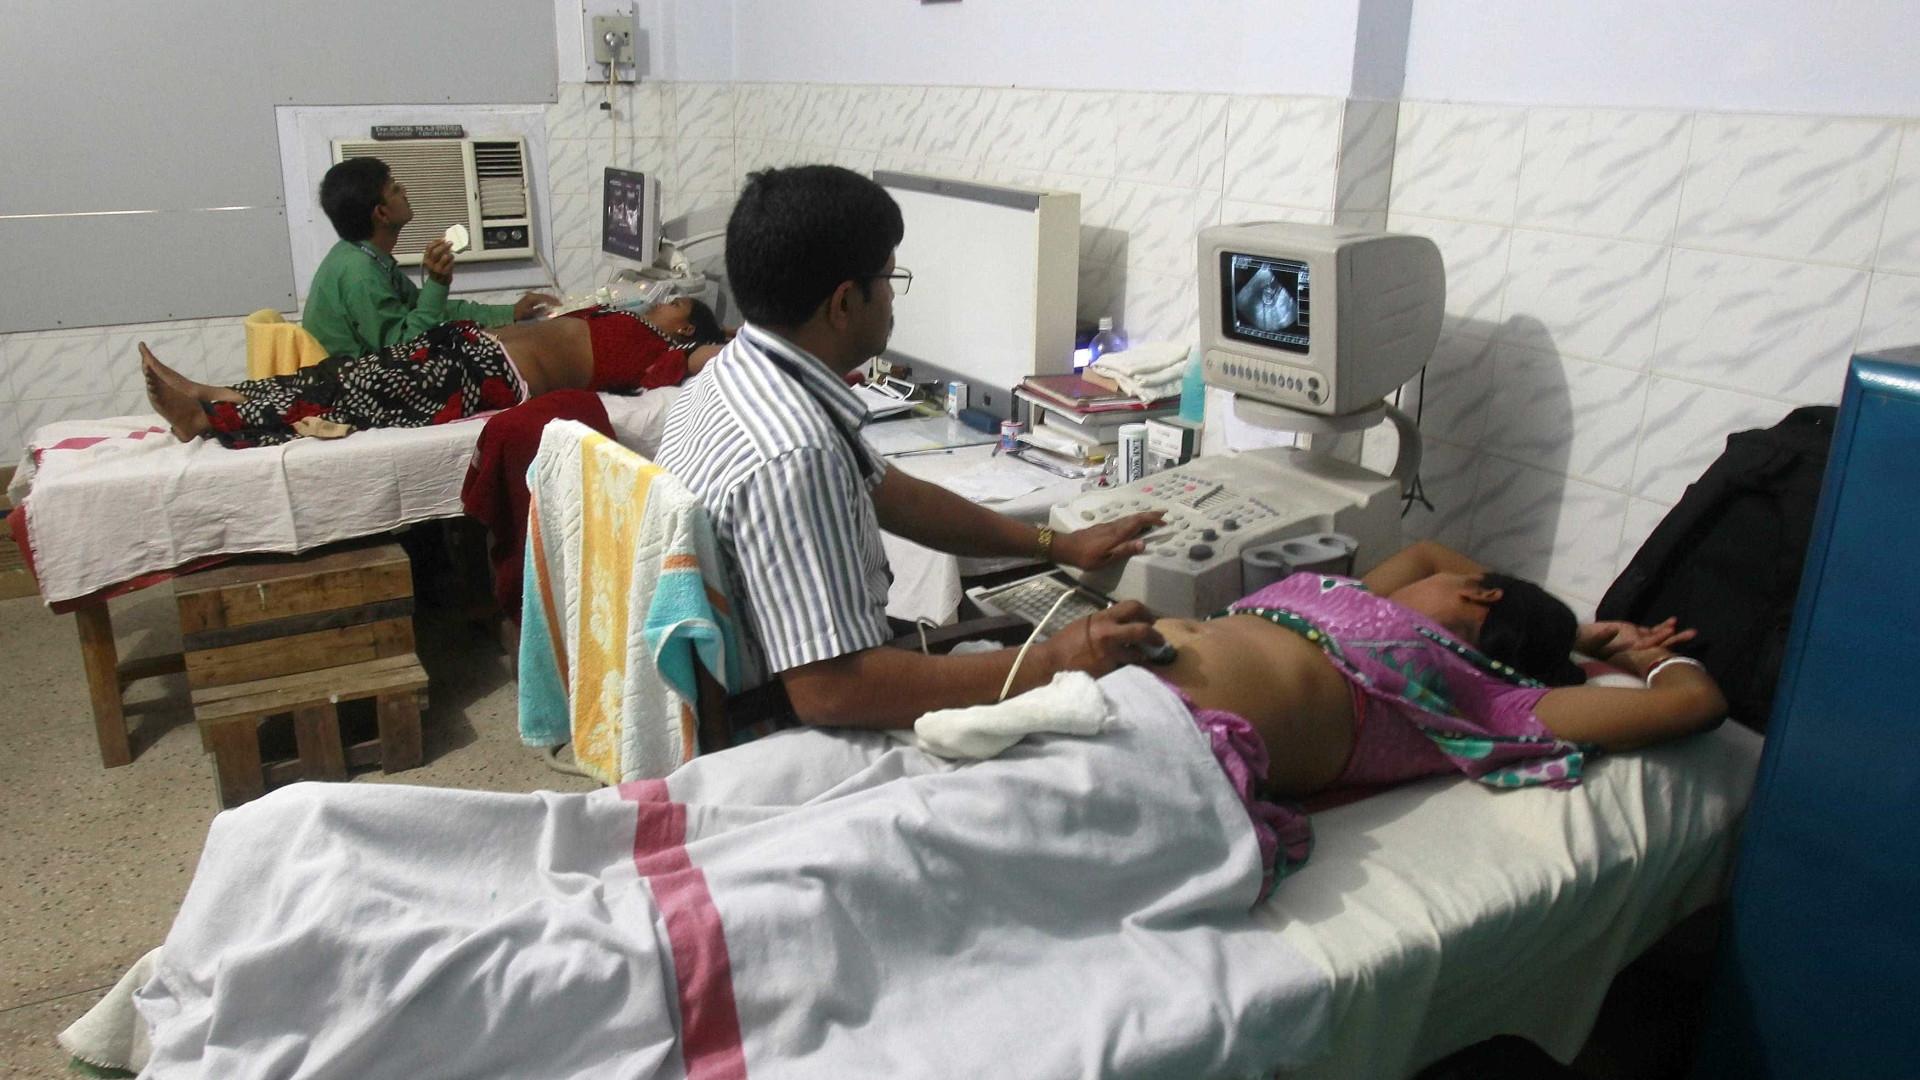 Violência contra grávidas mata um em cada 10 bebés na Índia